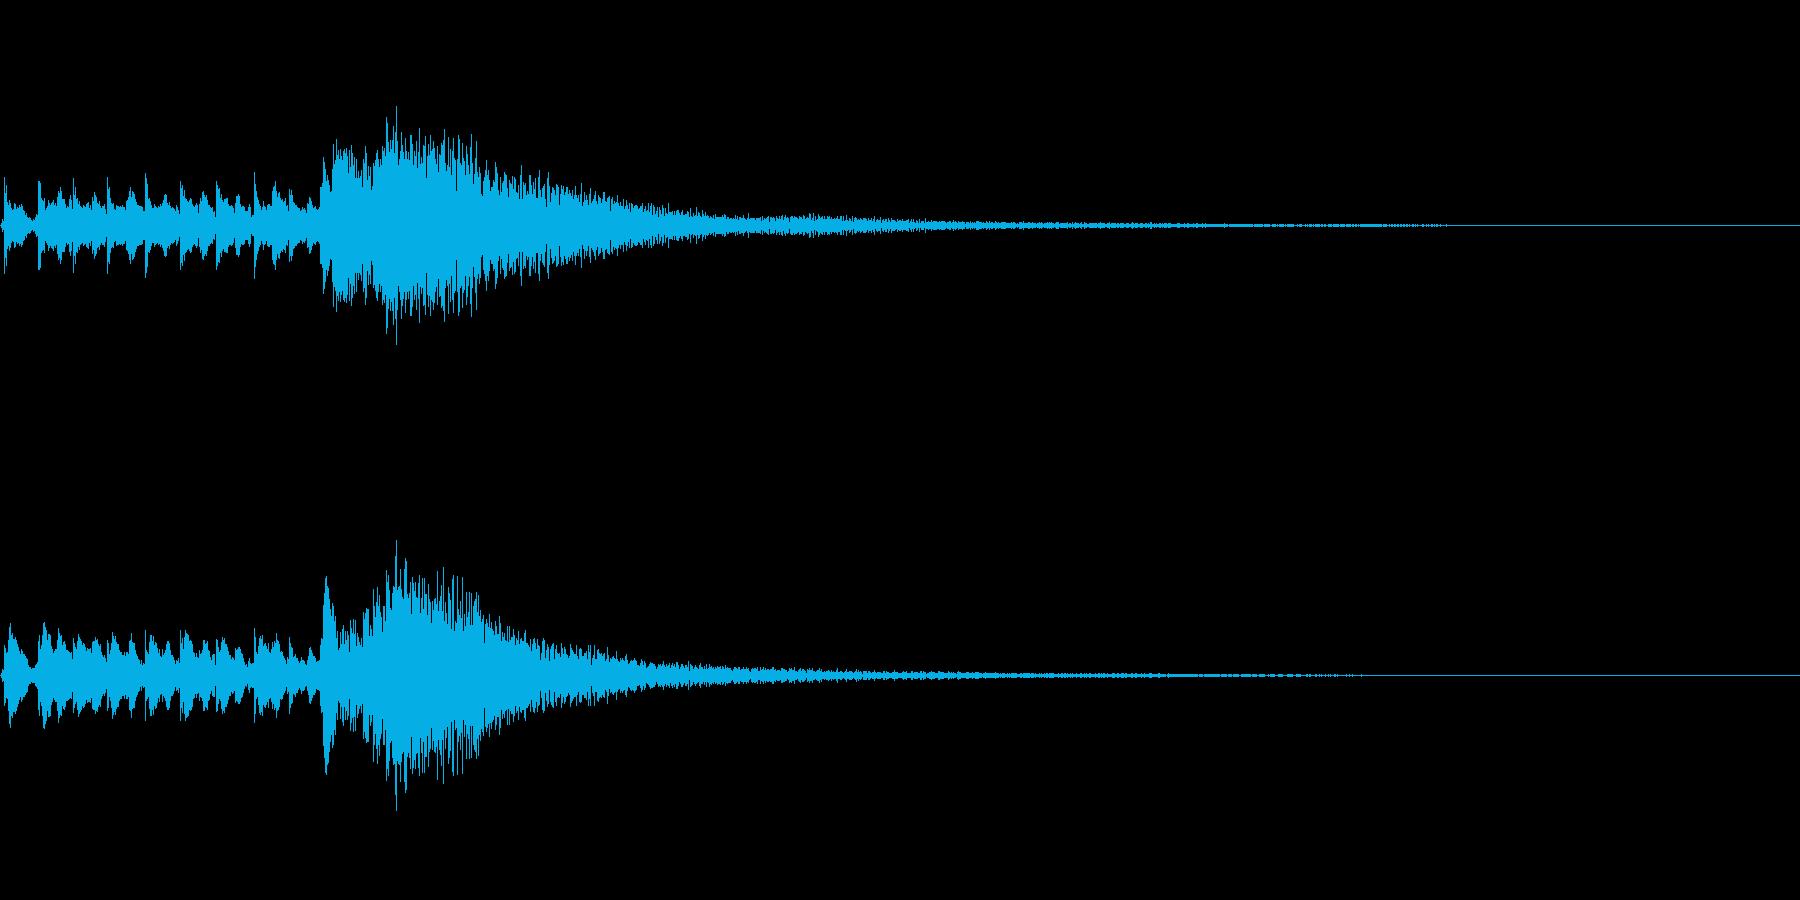 琴、平調子、トレモロ下降スケールジングルの再生済みの波形